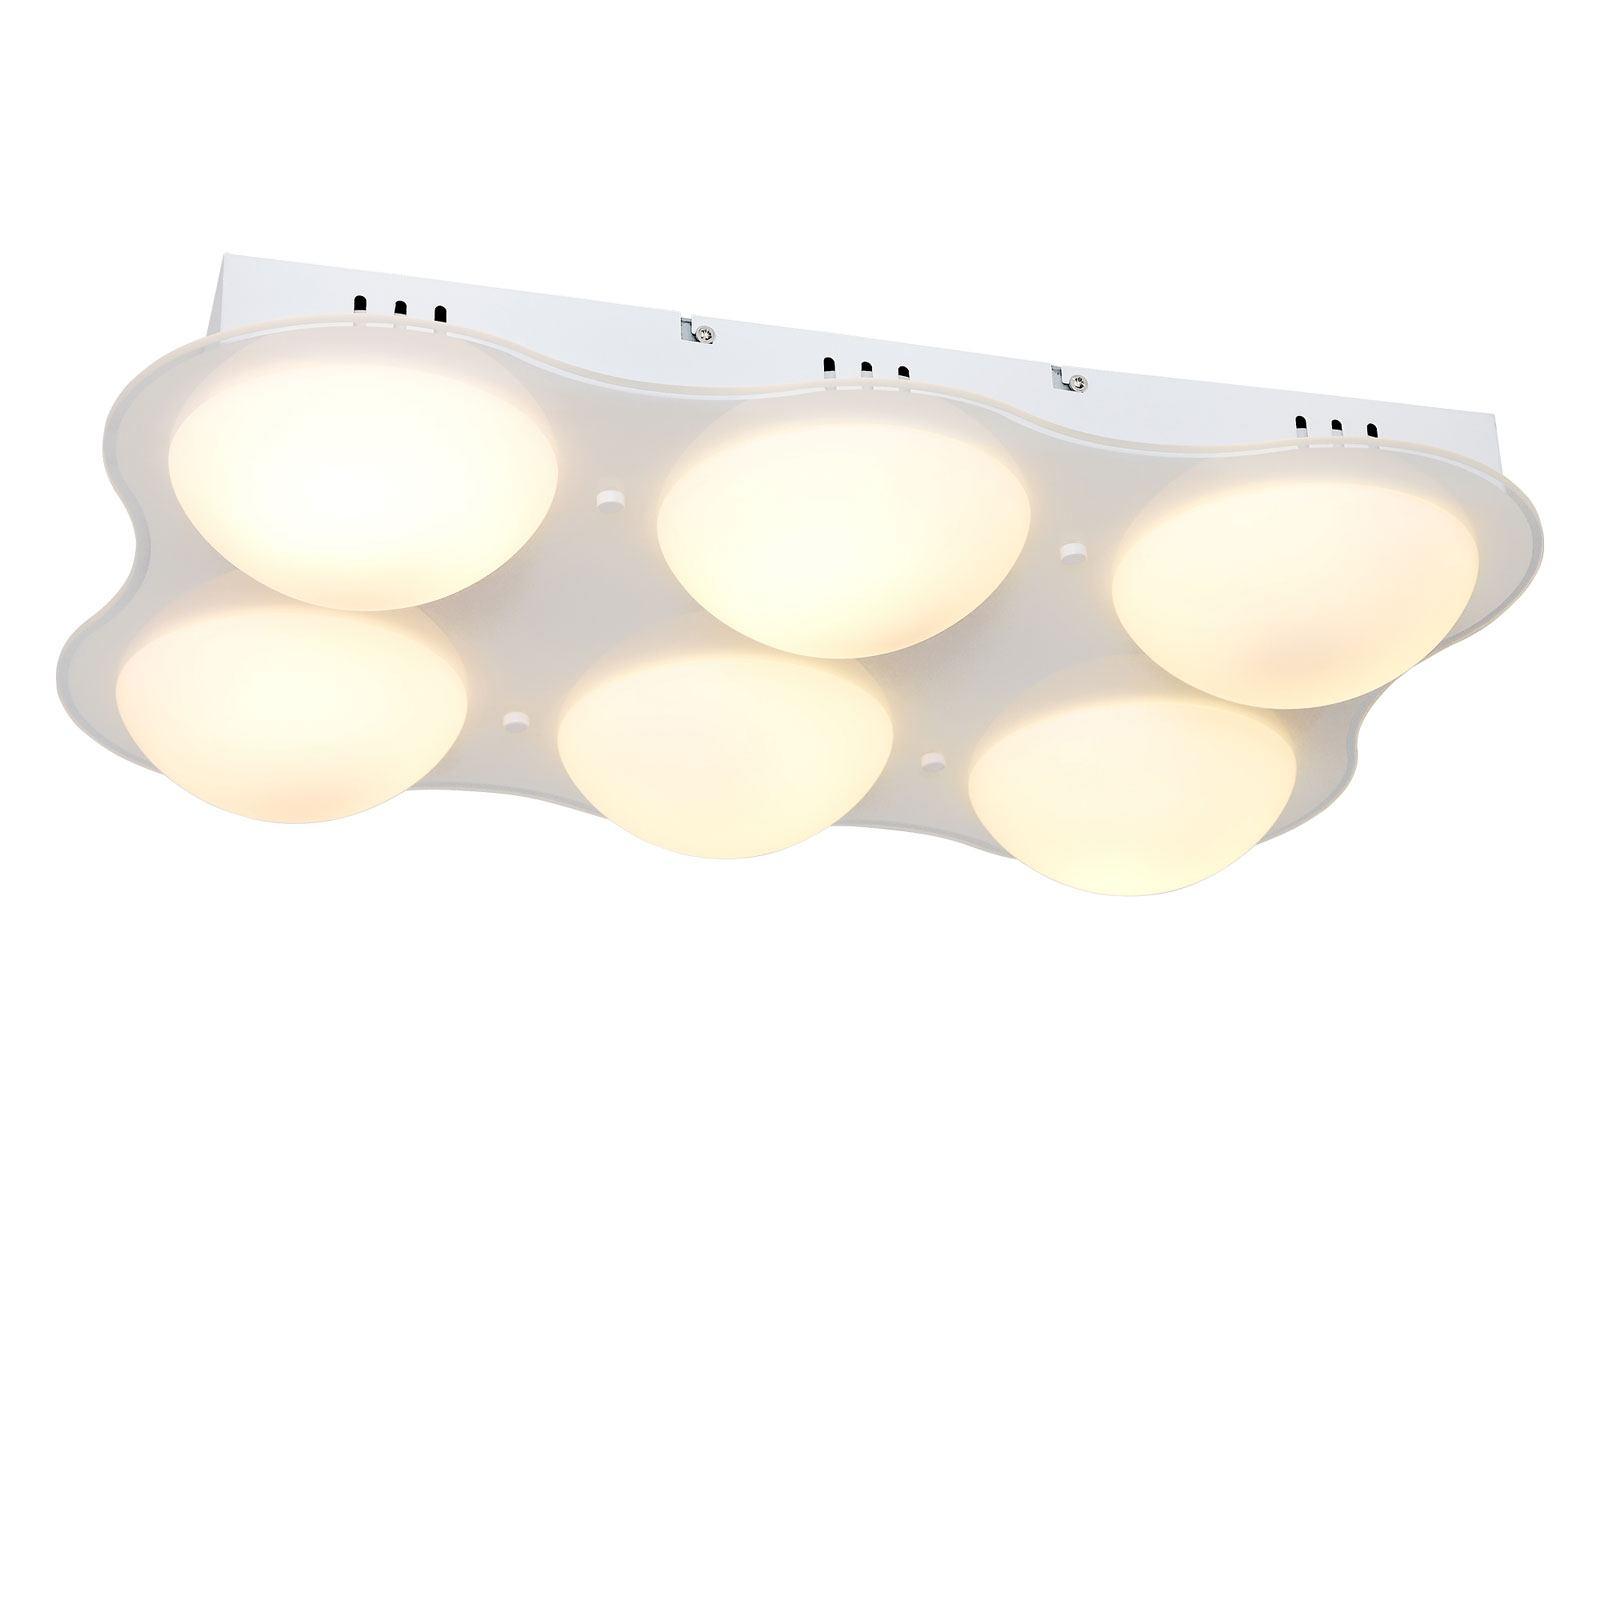 Full Size of Led Deckenleuchte Wohnzimmer Ebay Modern Rund Holzdecke Deckenleuchten Design Dimmbar Ikea 6 Flammige Weiszlig Deckenlampe Buumlro Wohnwand Tischlampe Wohnzimmer Deckenleuchte Wohnzimmer